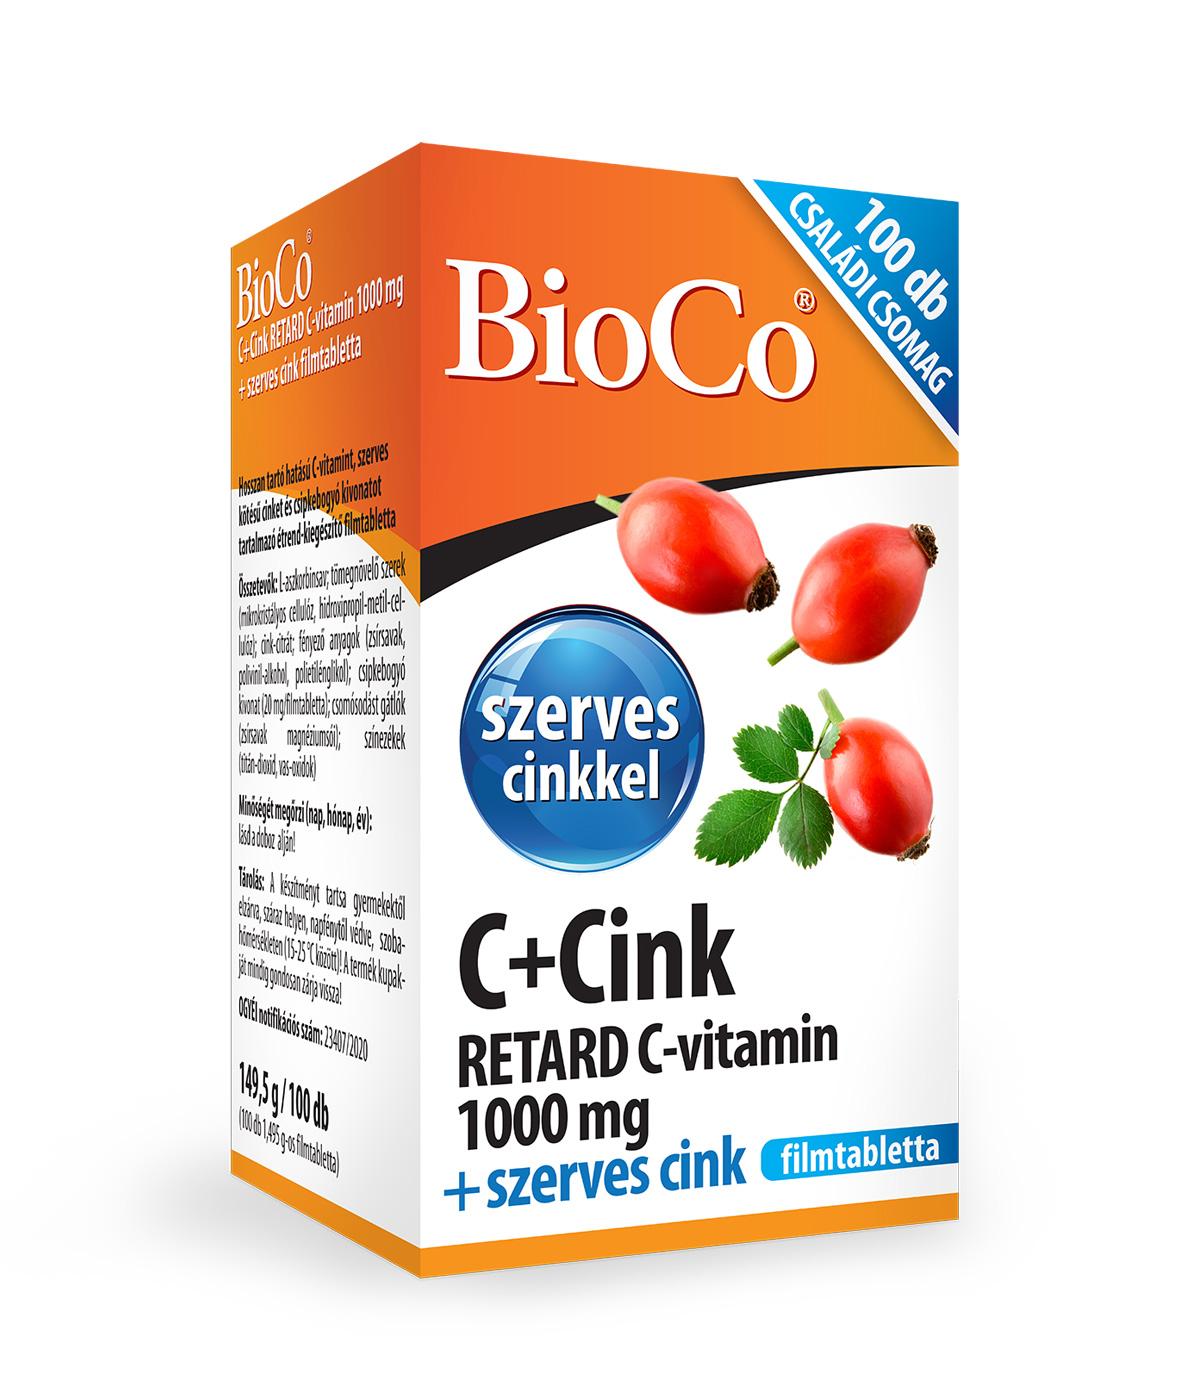 látás c-vitamin